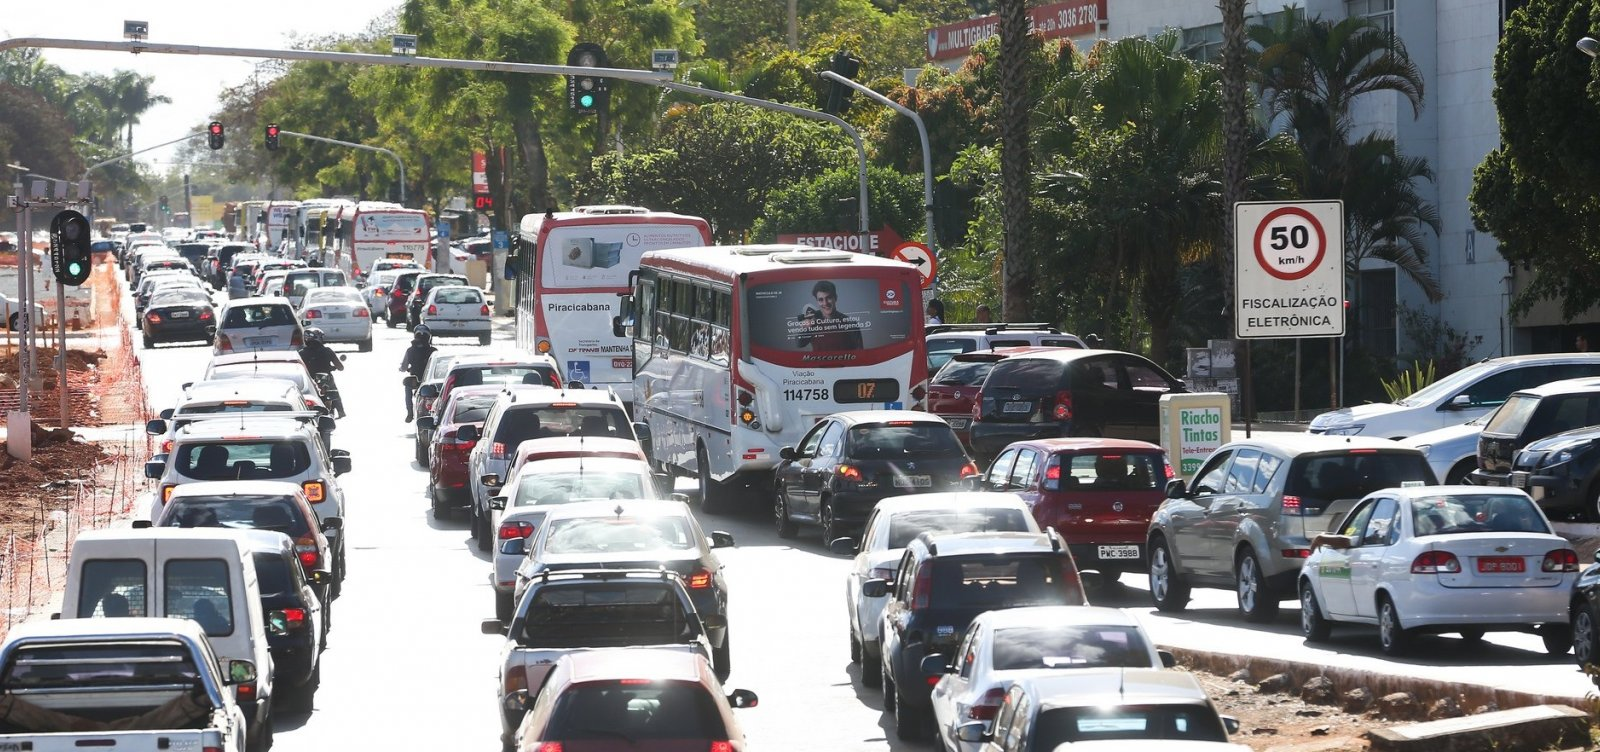 Salvador reduziu mais de 40% o número de mortes no trânsito, diz Ministério da Saúde